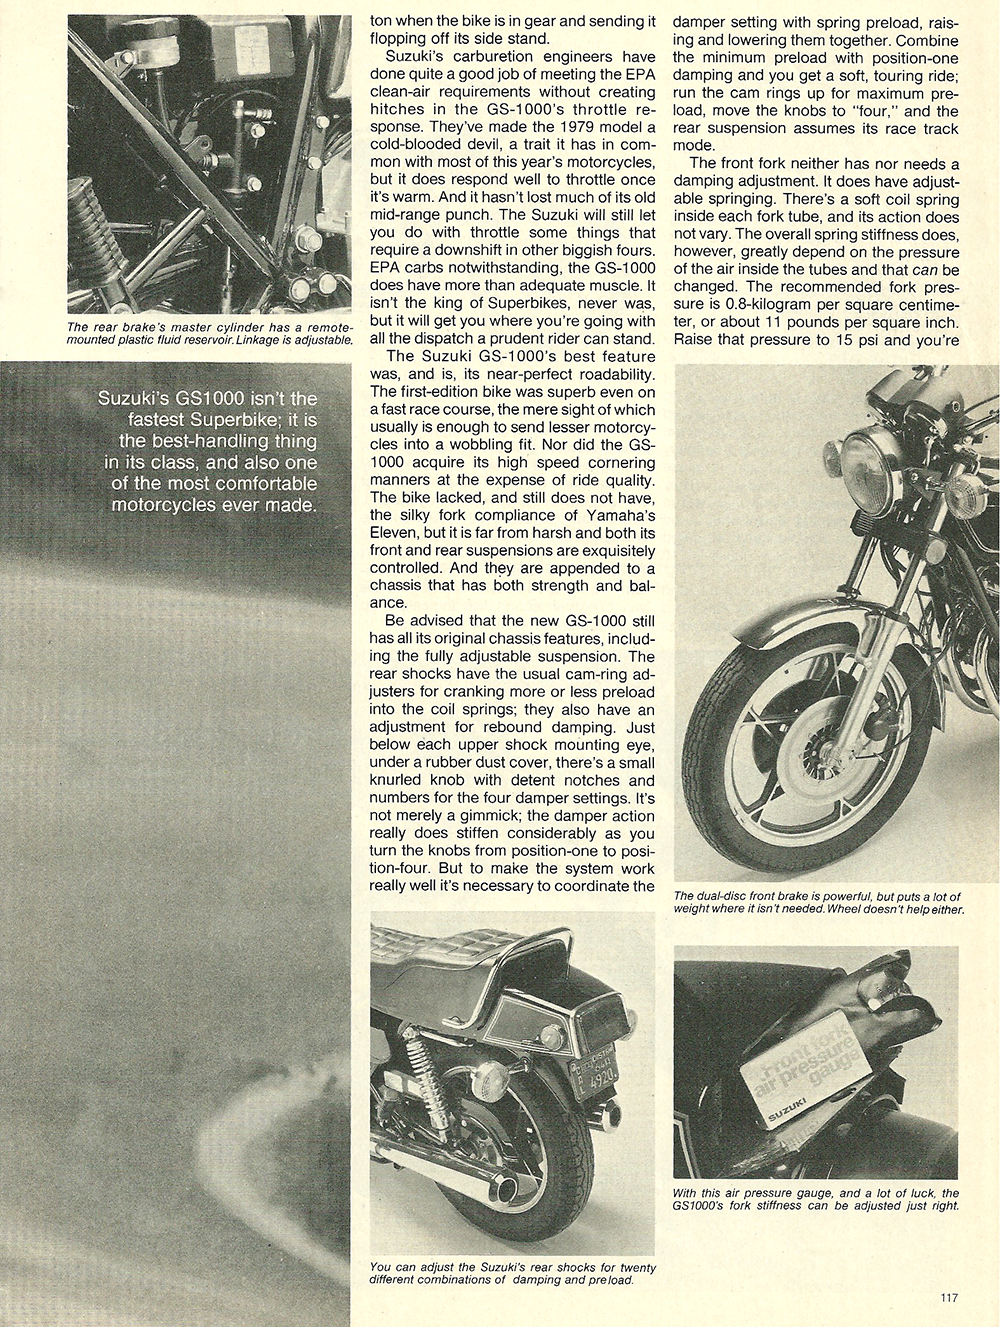 1979 Suzuki GS1000E road test 06.jpg